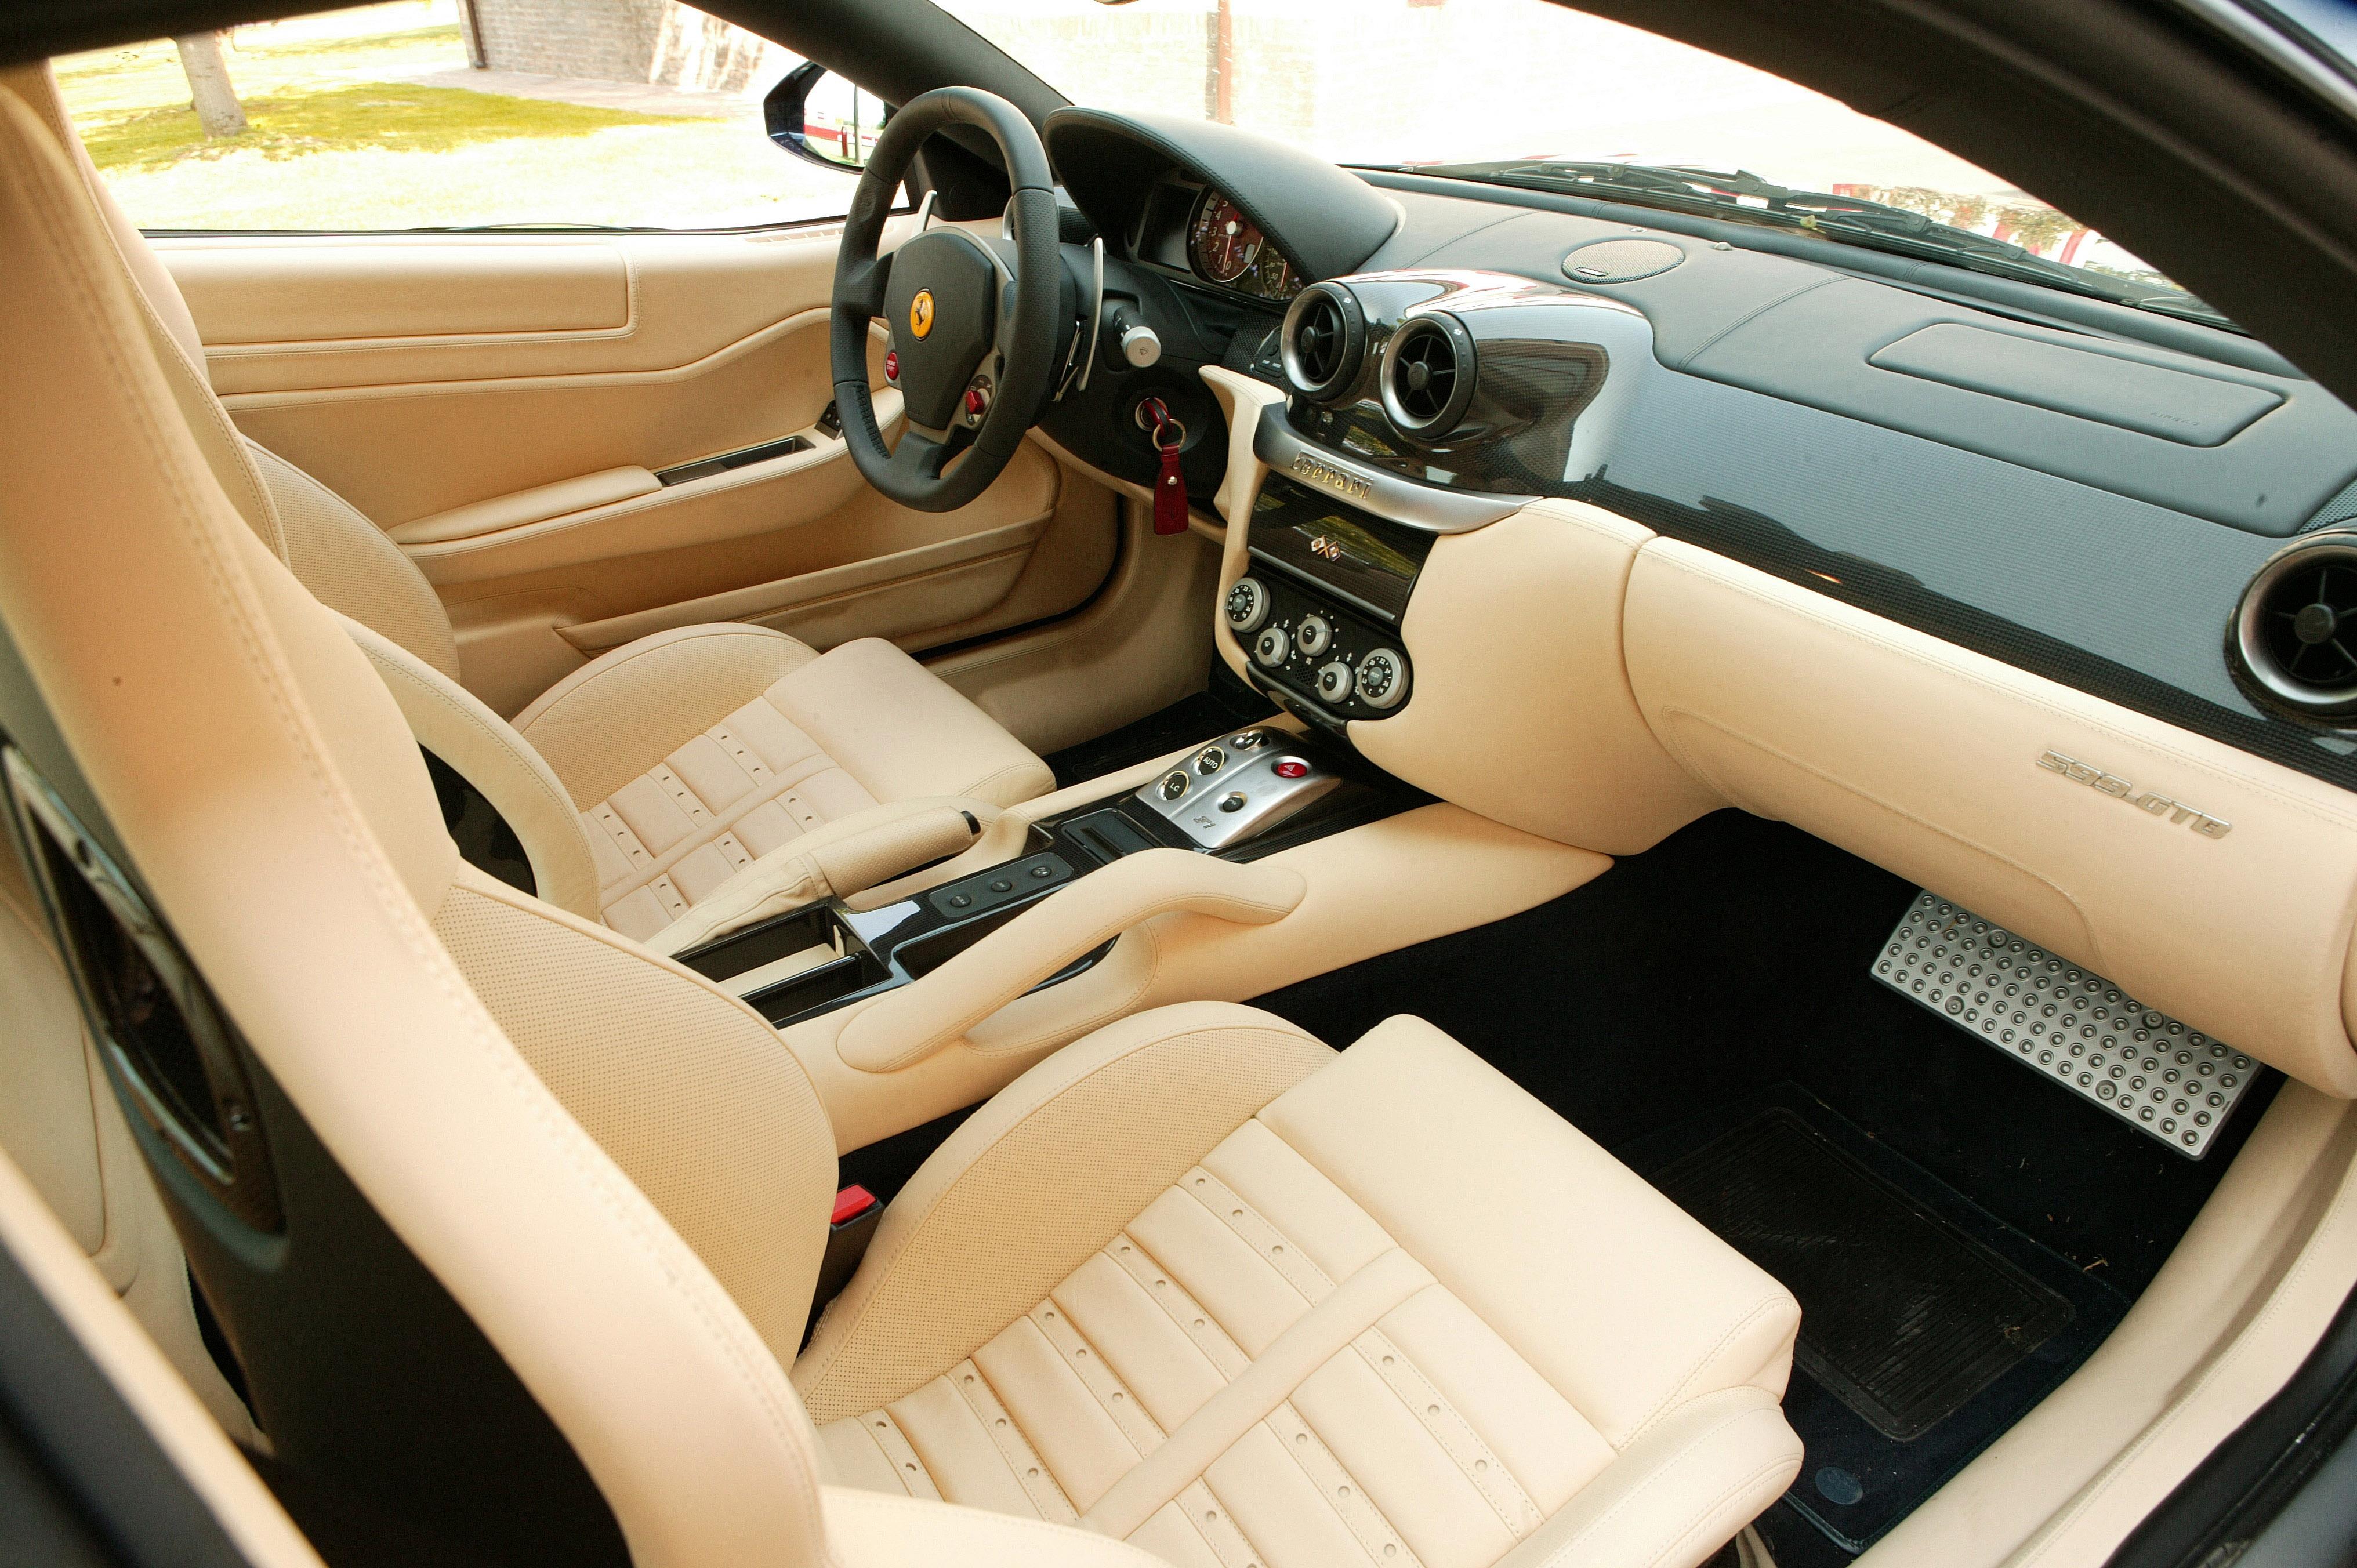 Ferrari 599 gtb fiorano vs f40 video ferrari 599 gtb fiorano vanachro Image collections